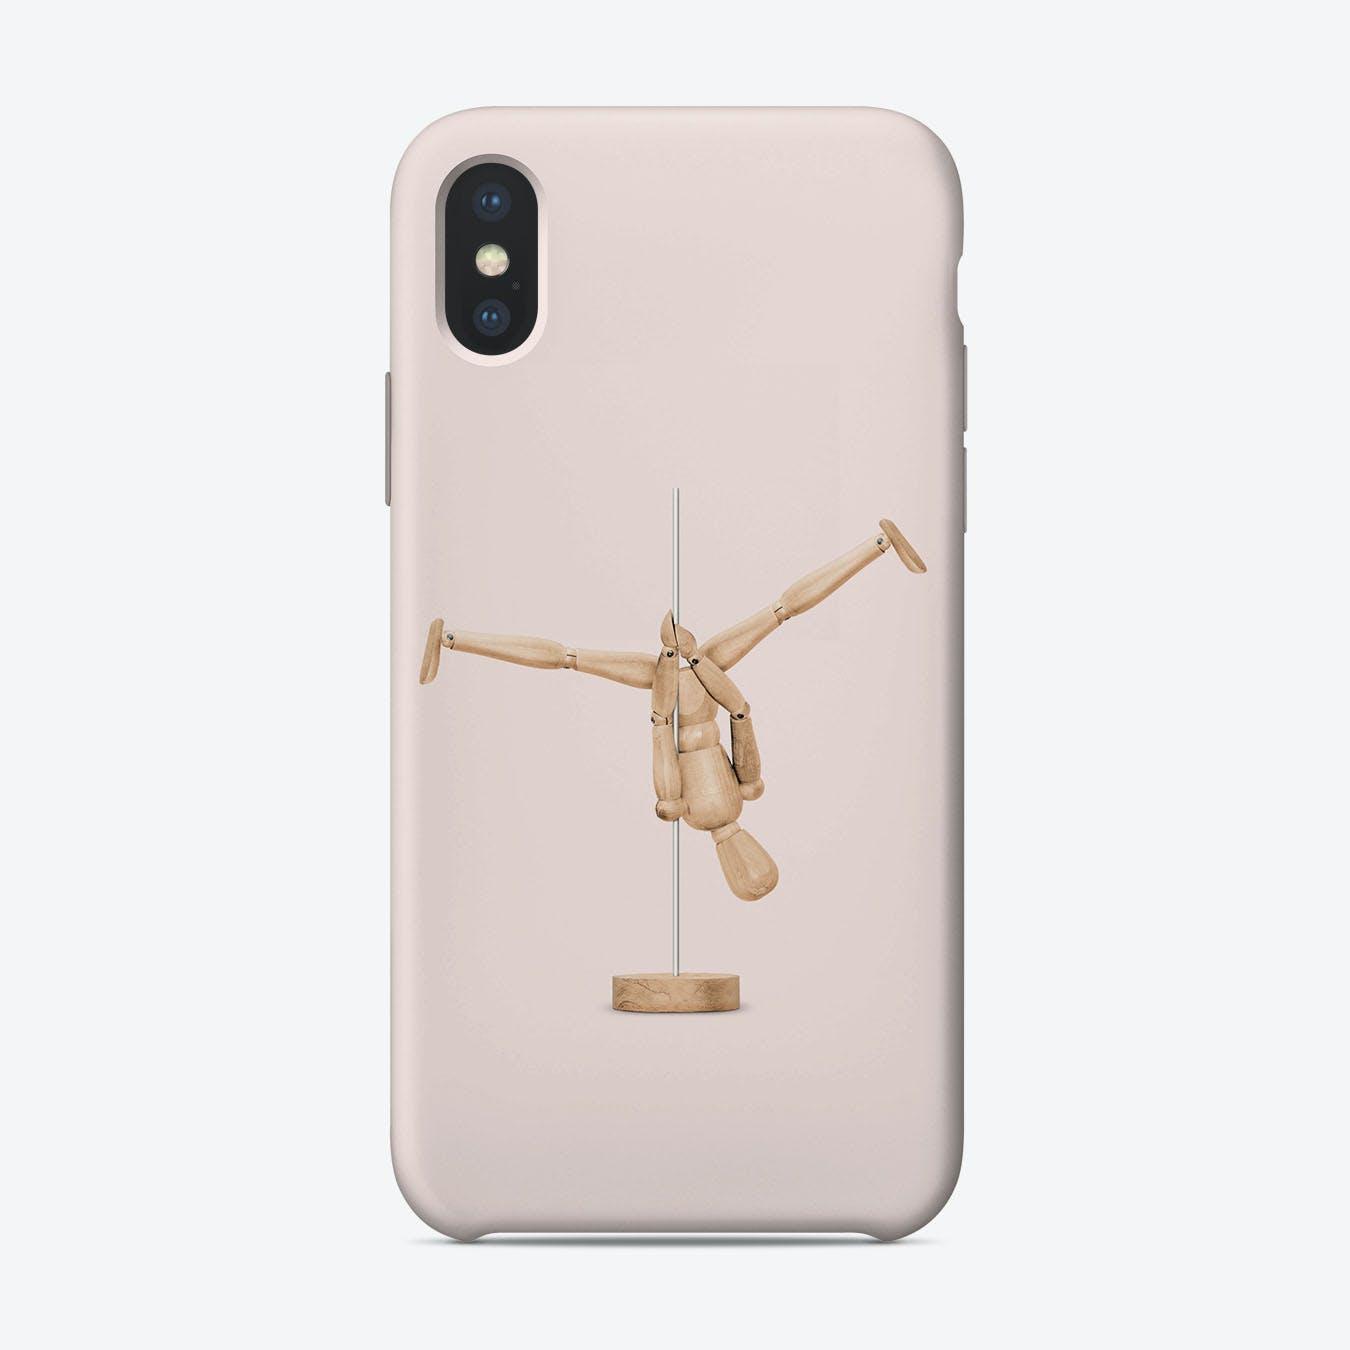 Poledance Mannequin iPhone Case